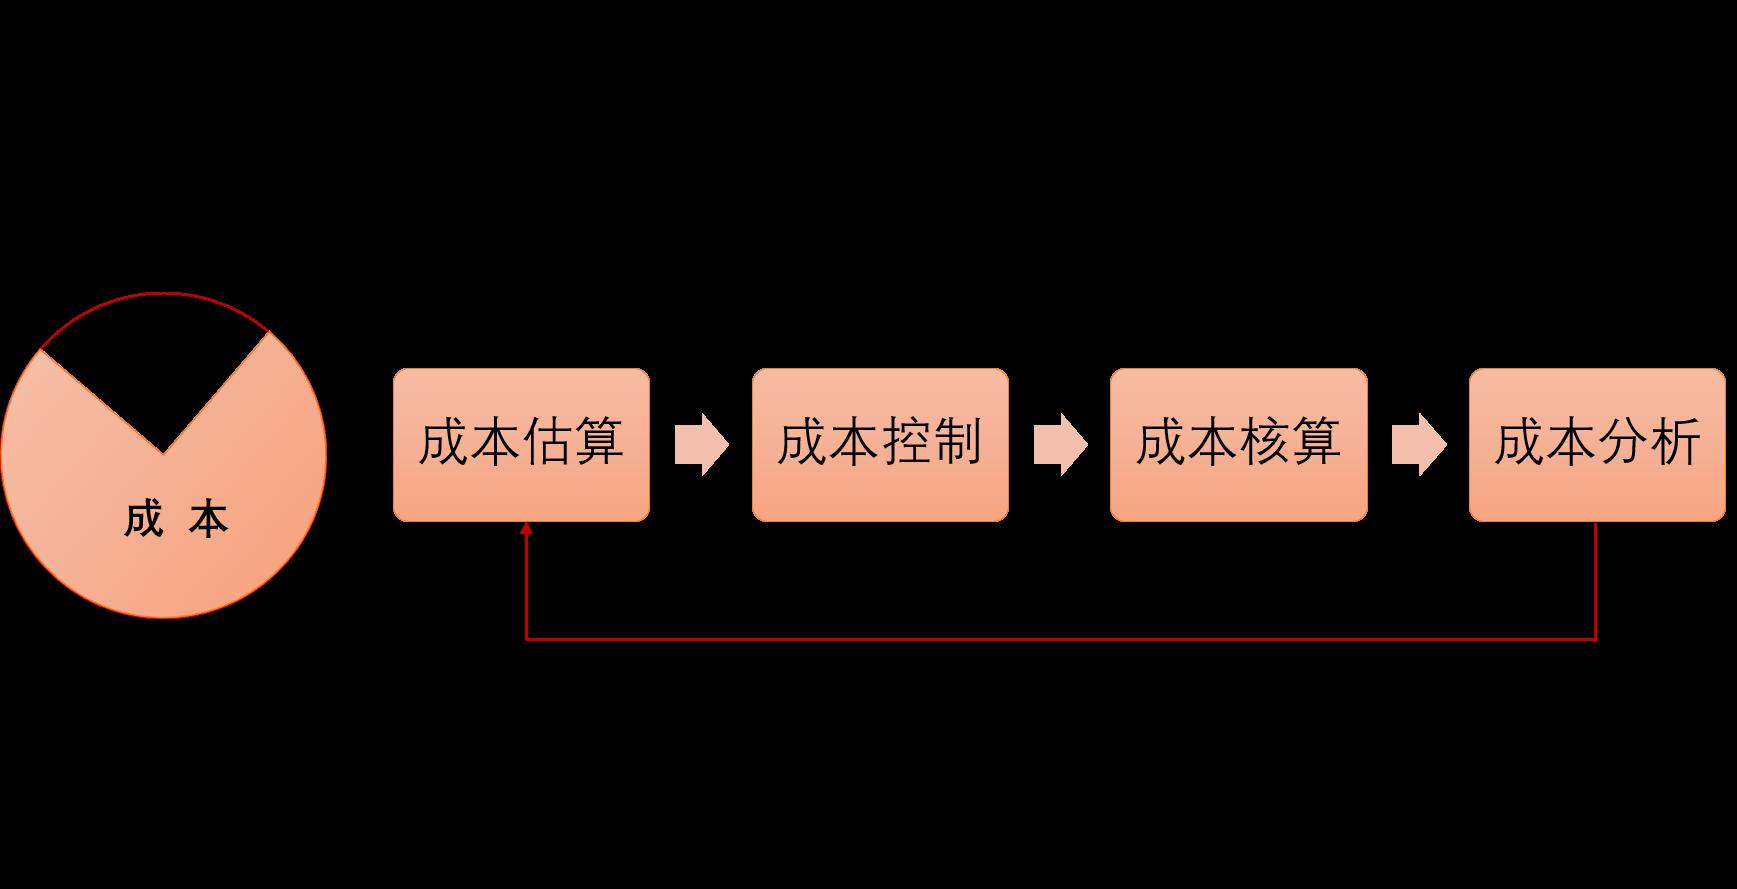 核算管理.png